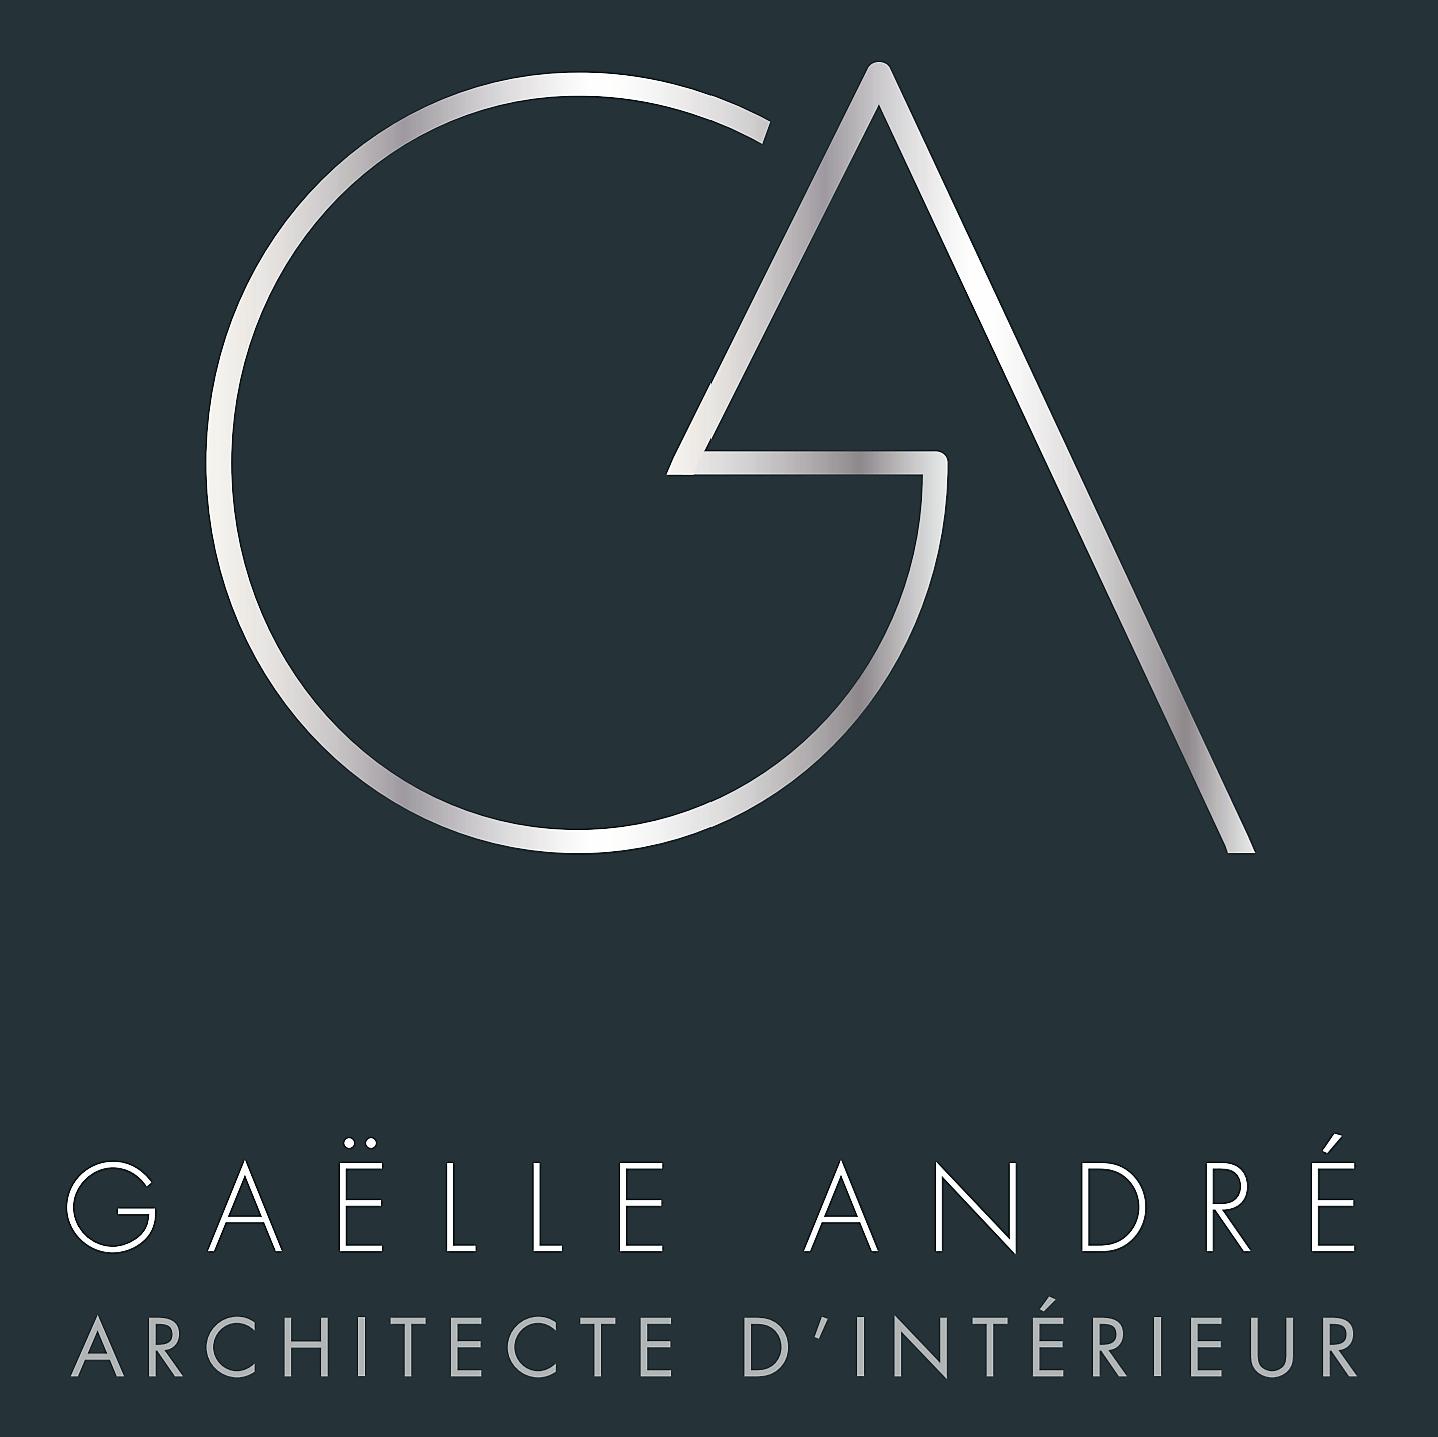 Ga architecte d int rieur les r seauteurs for Architecte d interieur caen